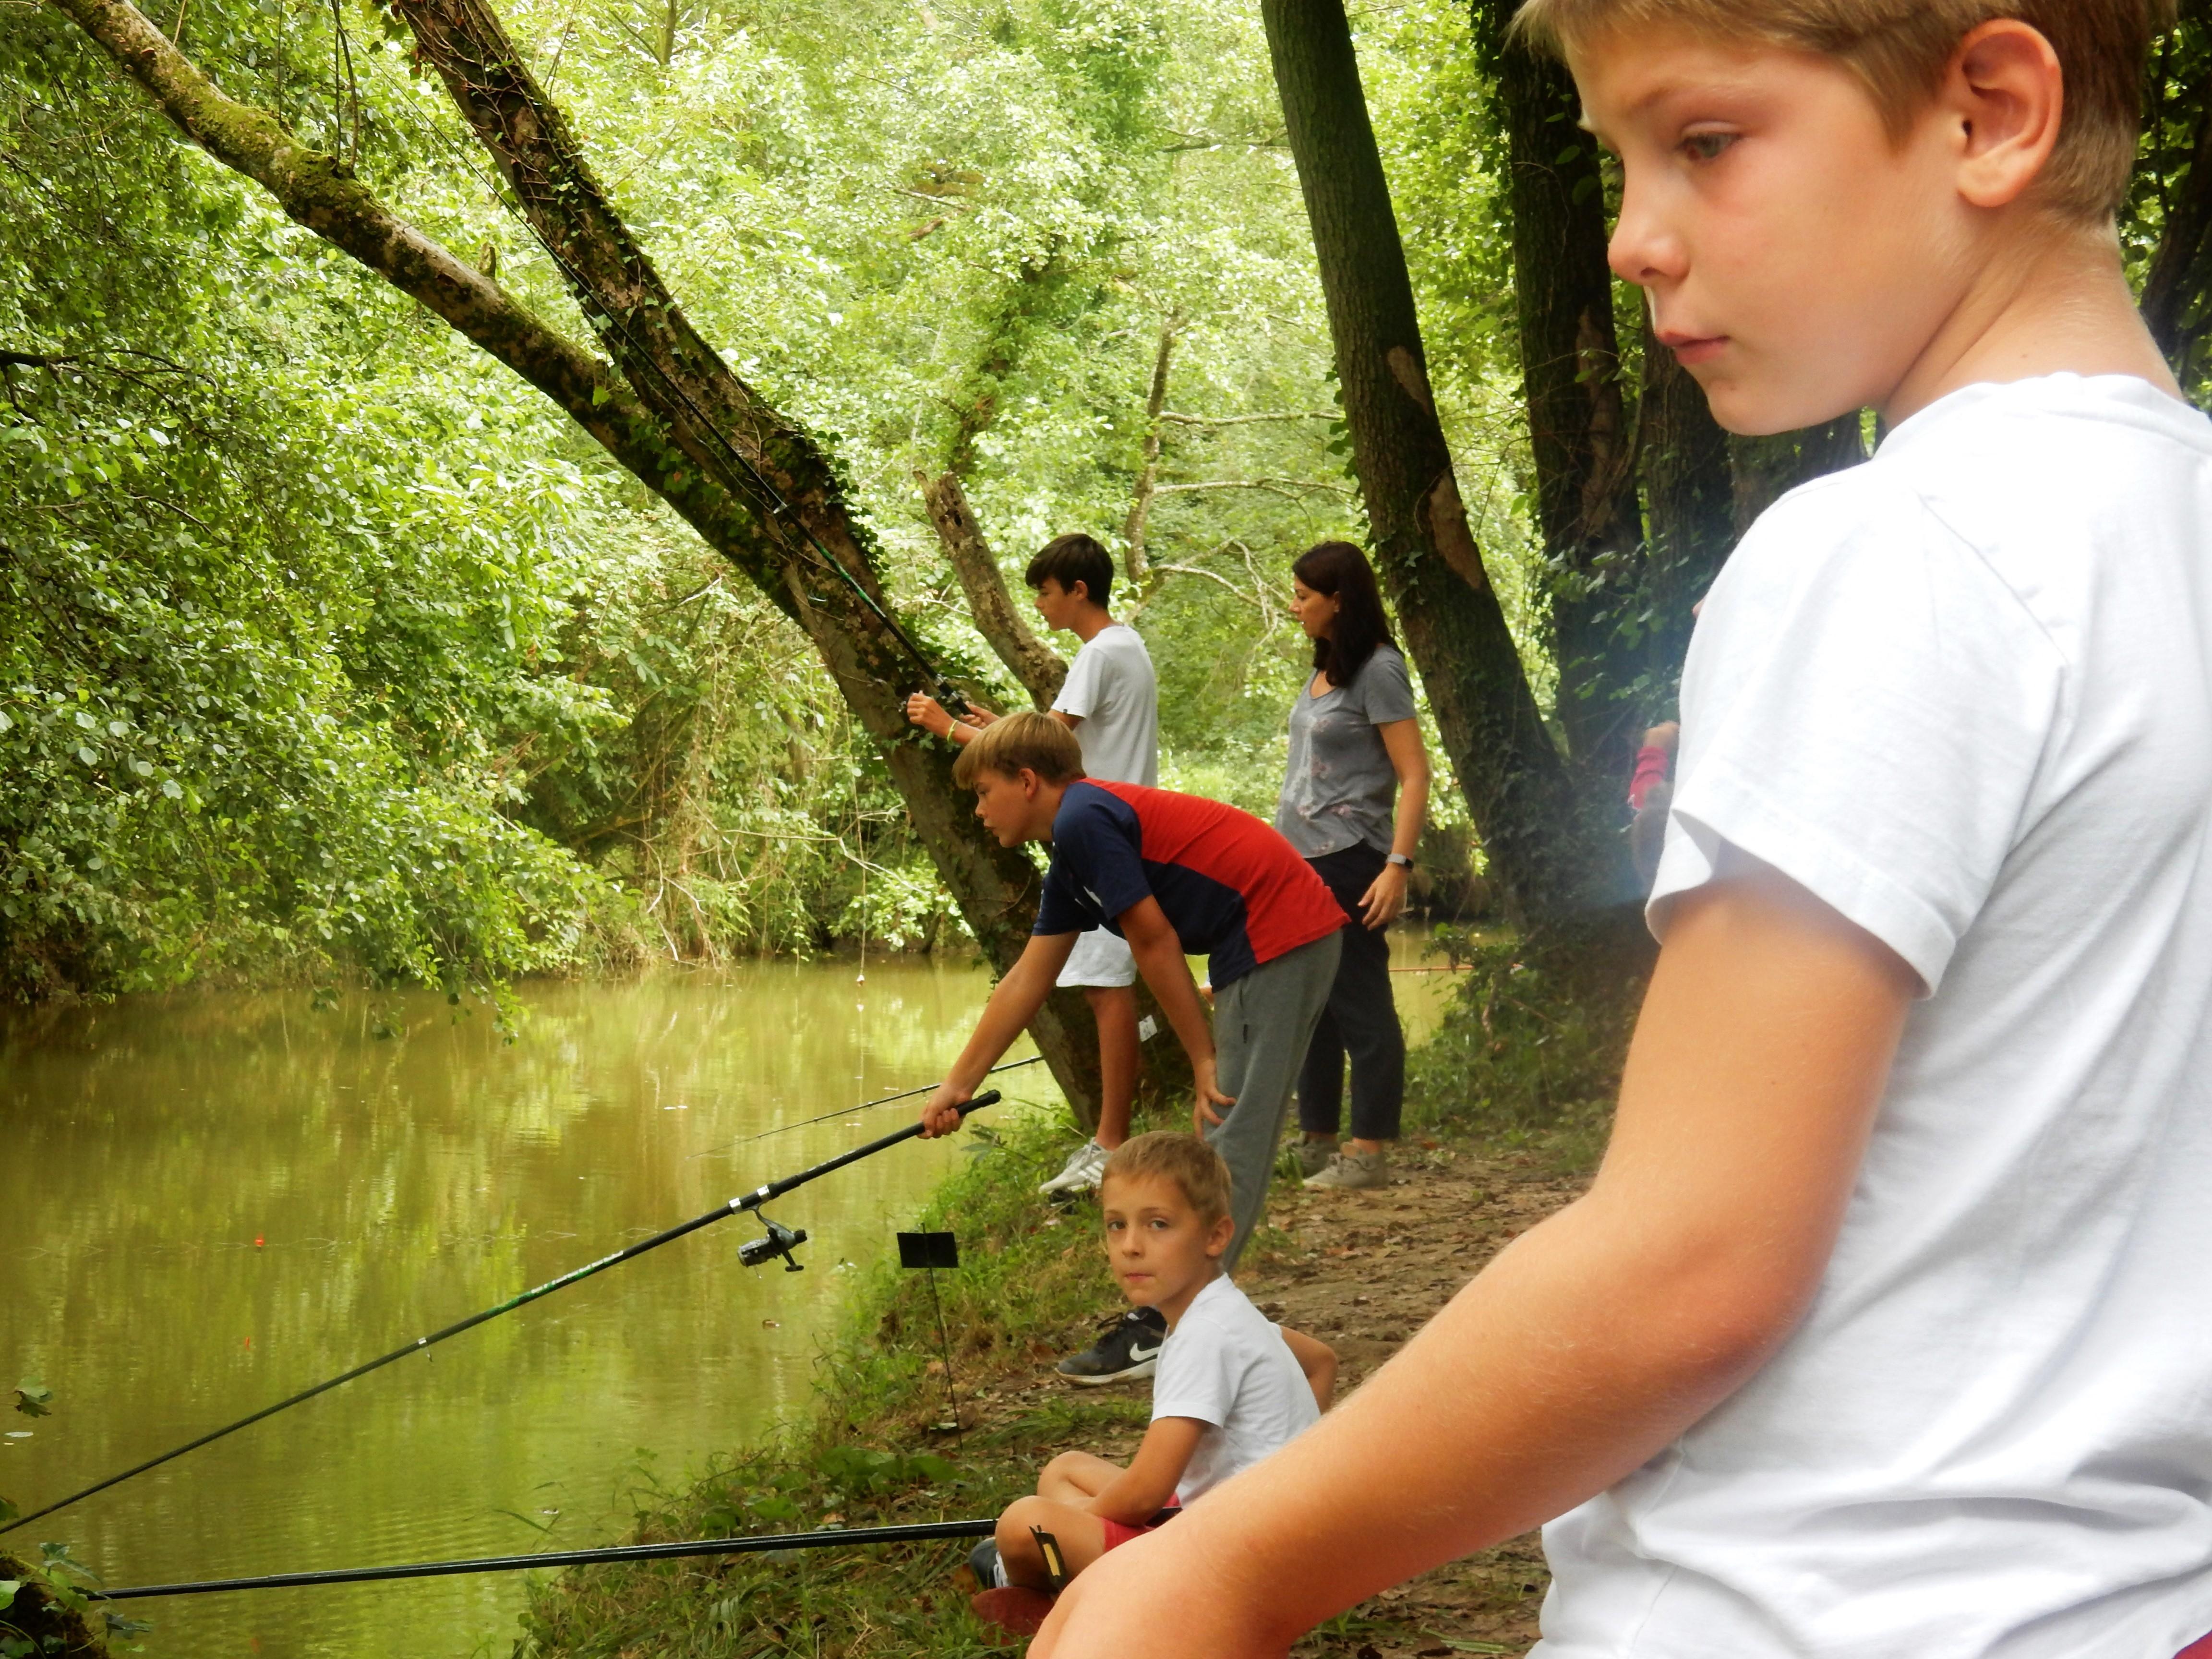 Concours de pêche spécial enfants - ORTHEZ